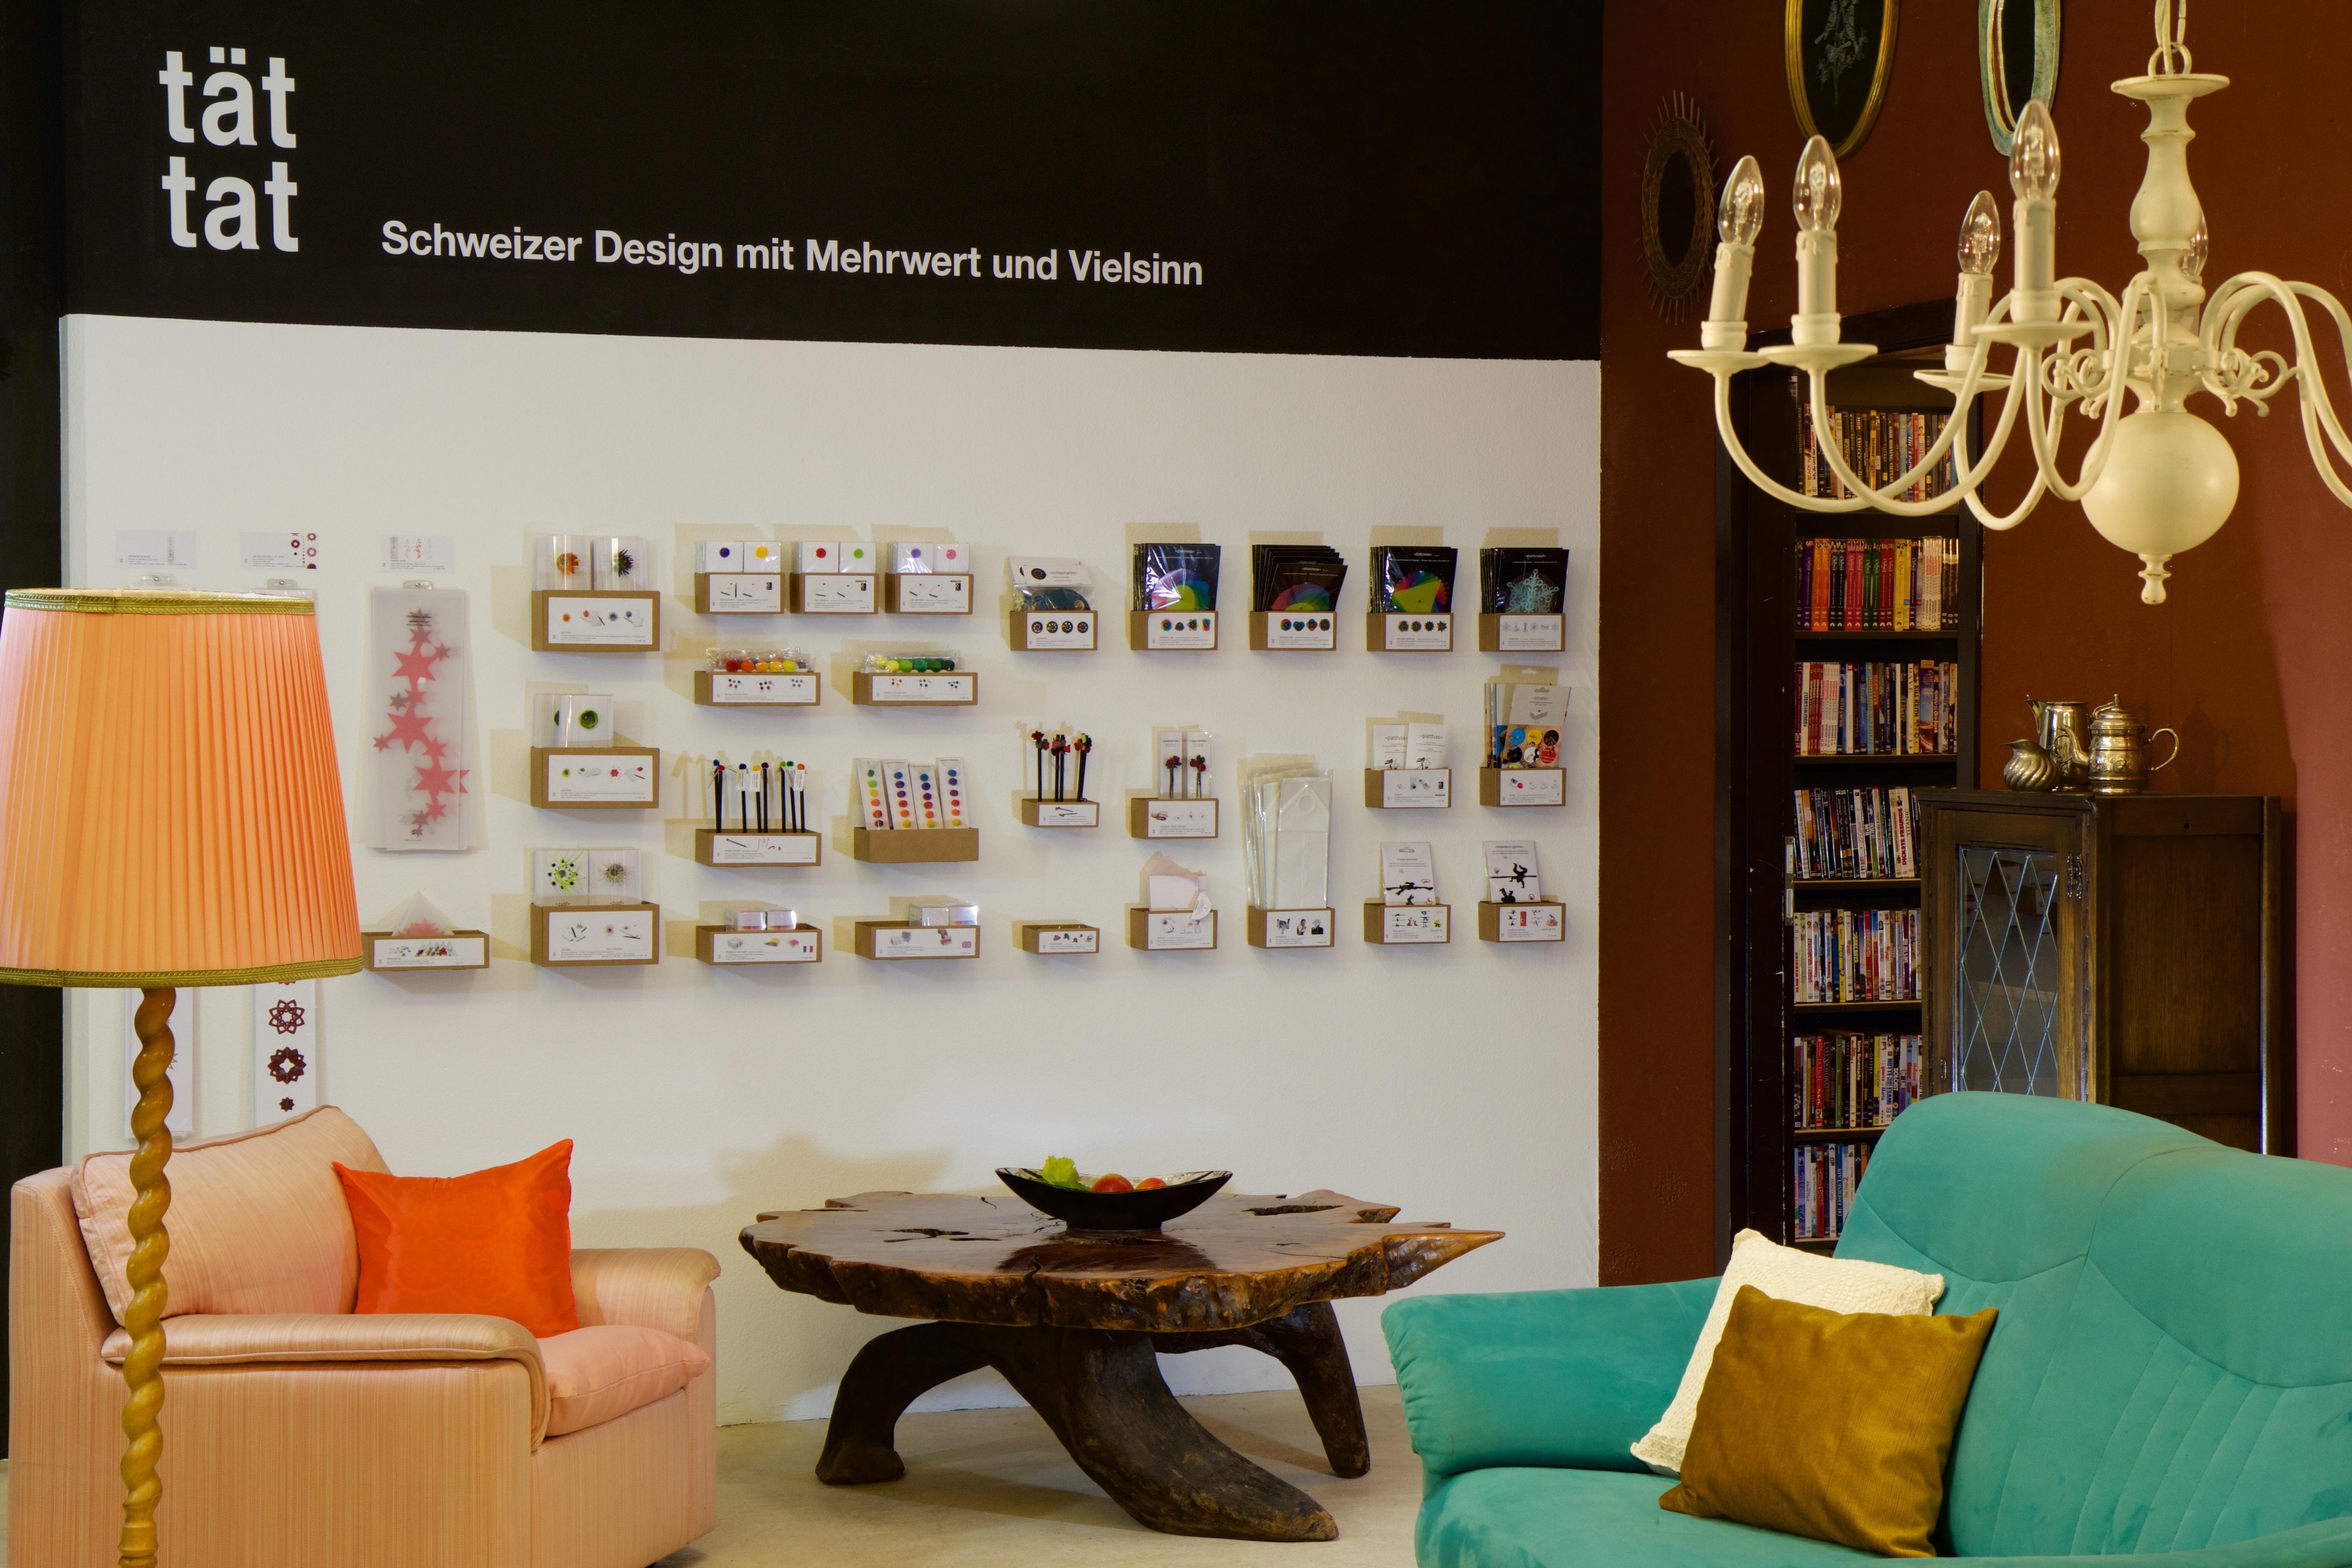 gambar : meja, warna, ruang keluarga, mebel, kamar, sofa, dipan